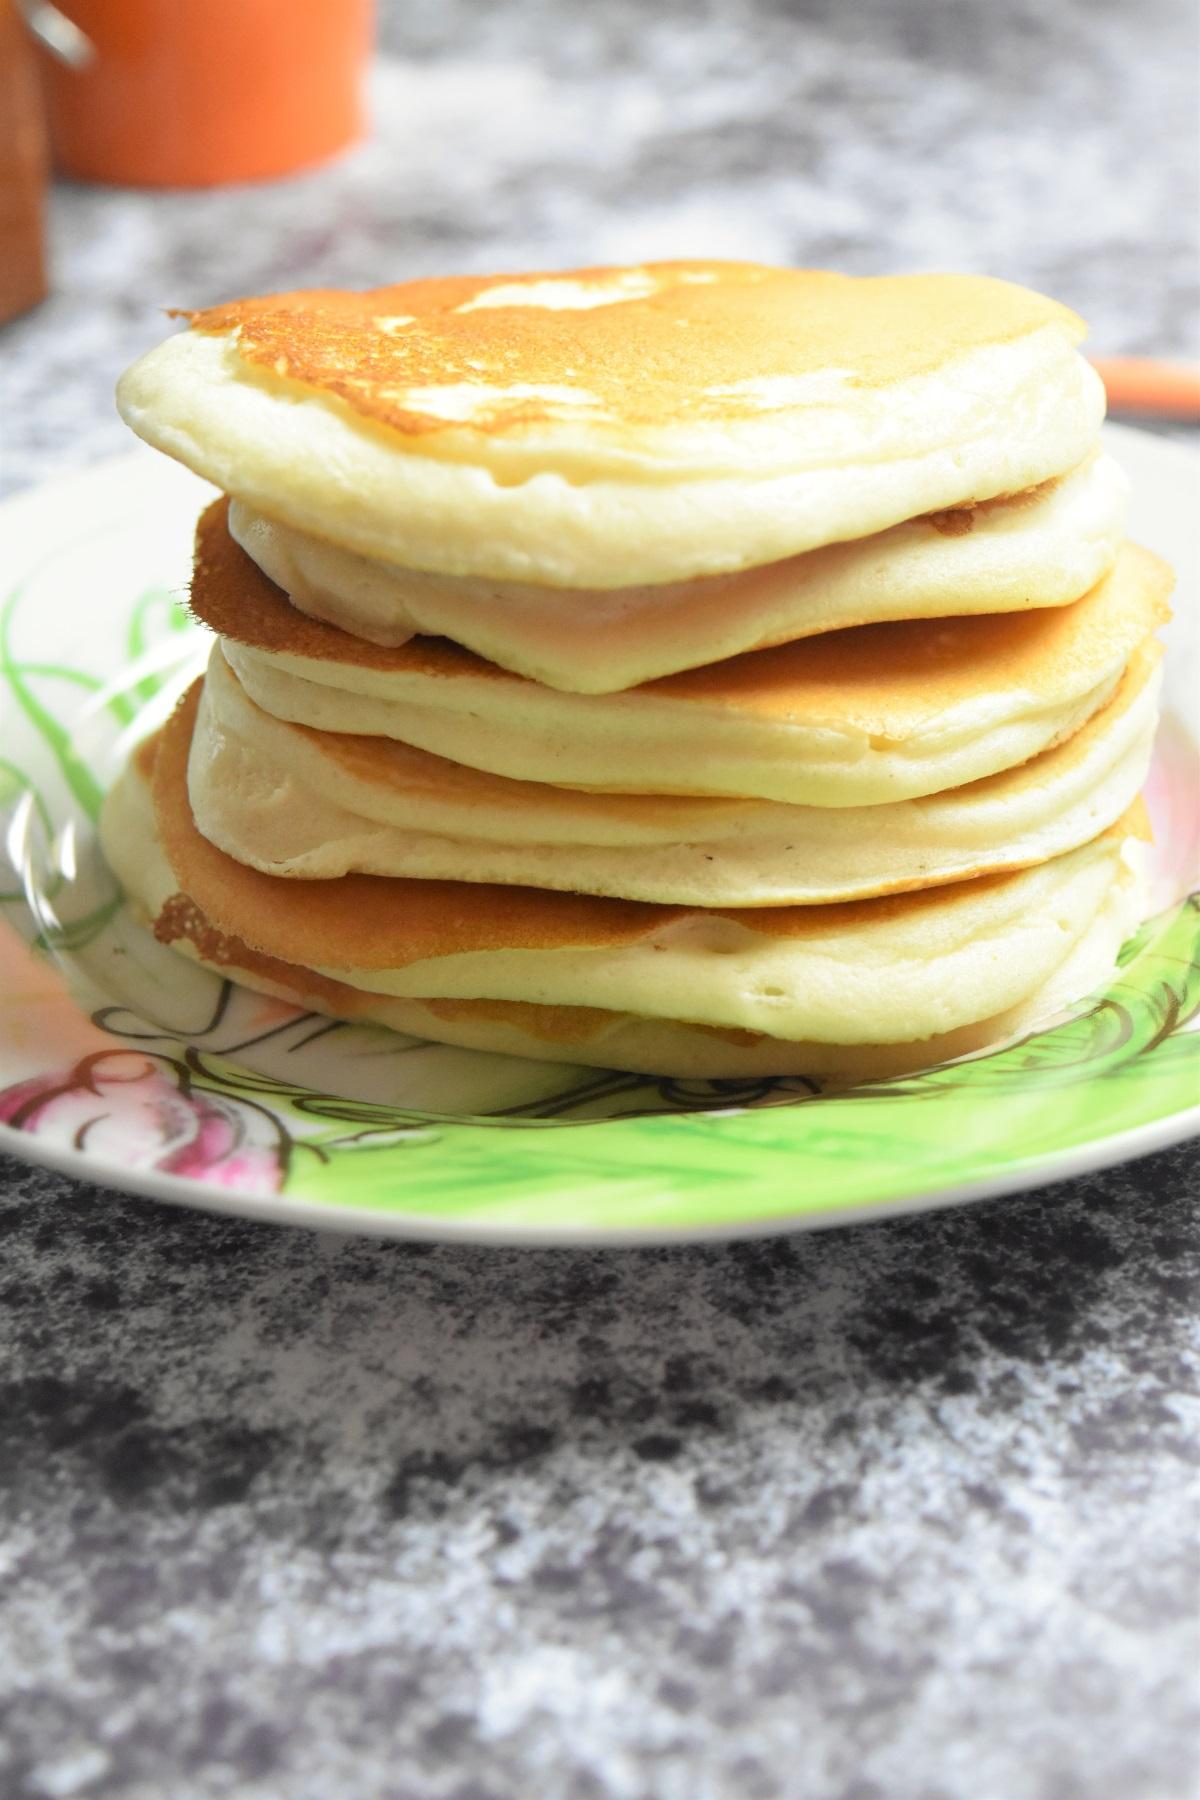 Blanc En Neige Recette : blanc, neige, recette, Pancakes, Blancs, D'oeufs, Recette, Extra, Moelleuse